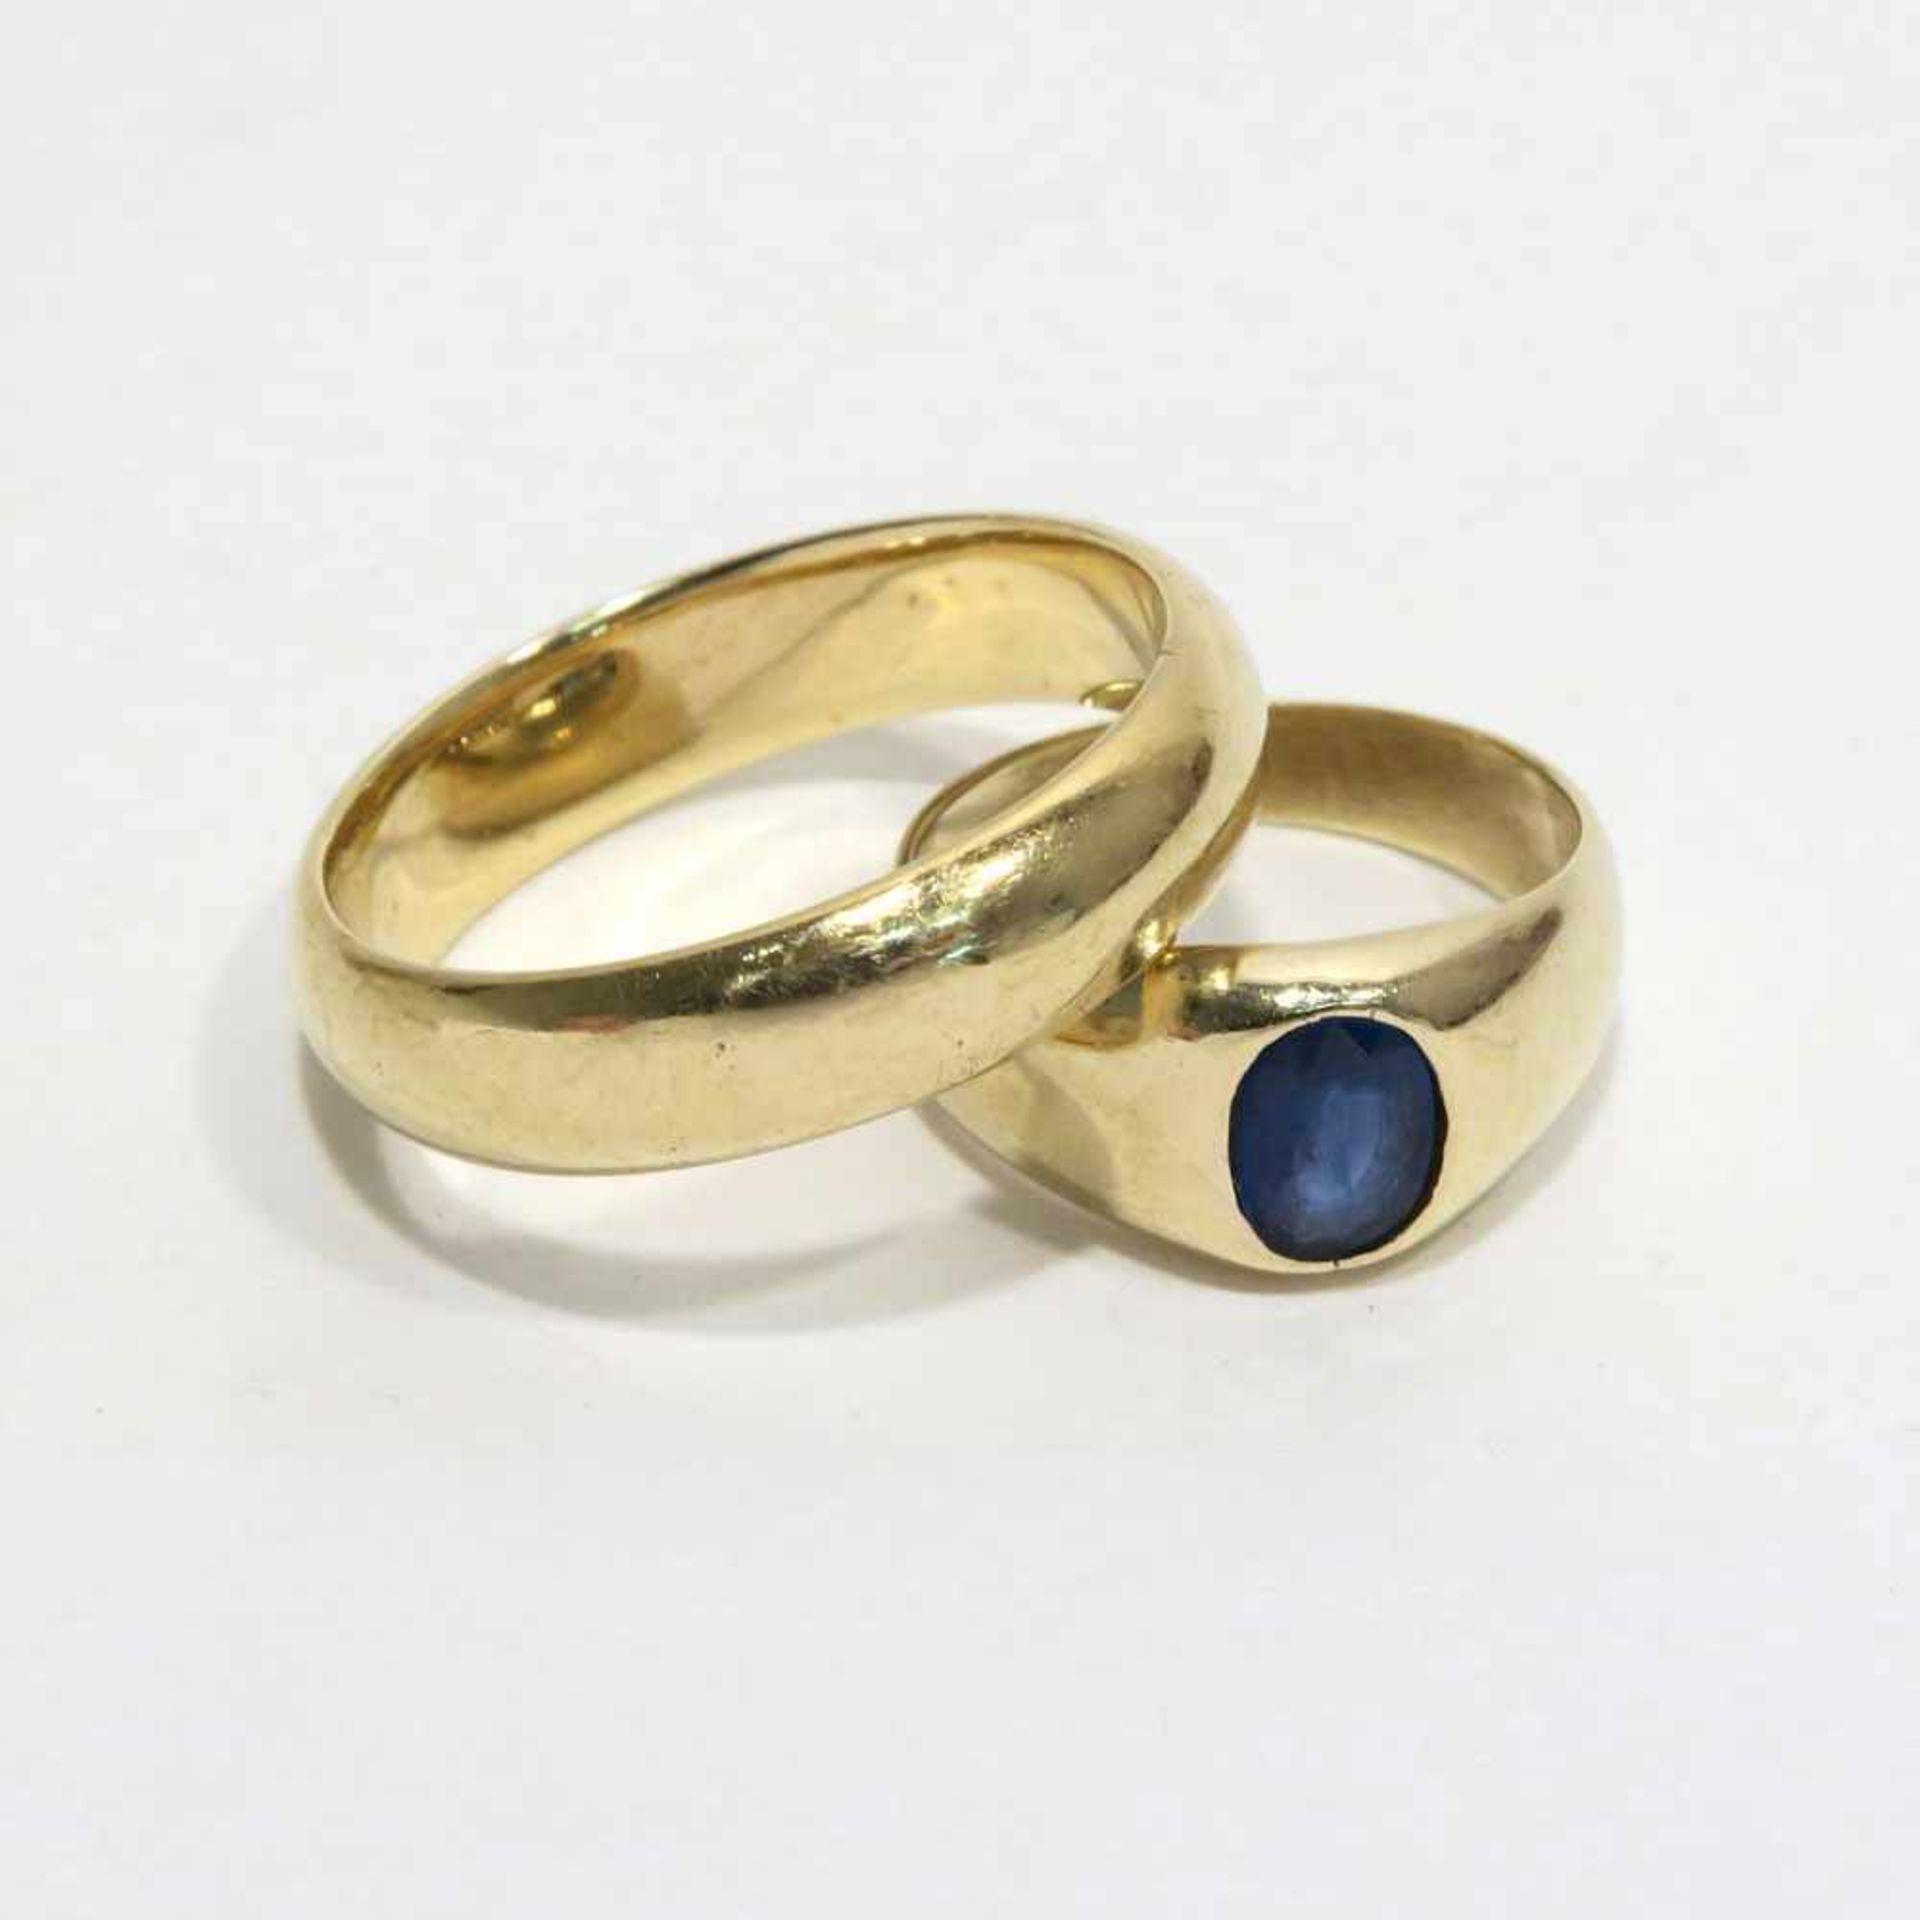 Zwei Ringe14 K GG, tlw. Marke (585, geprüft). Ehering bzw. Ring mit ovalem Saphir mittig besetzt.